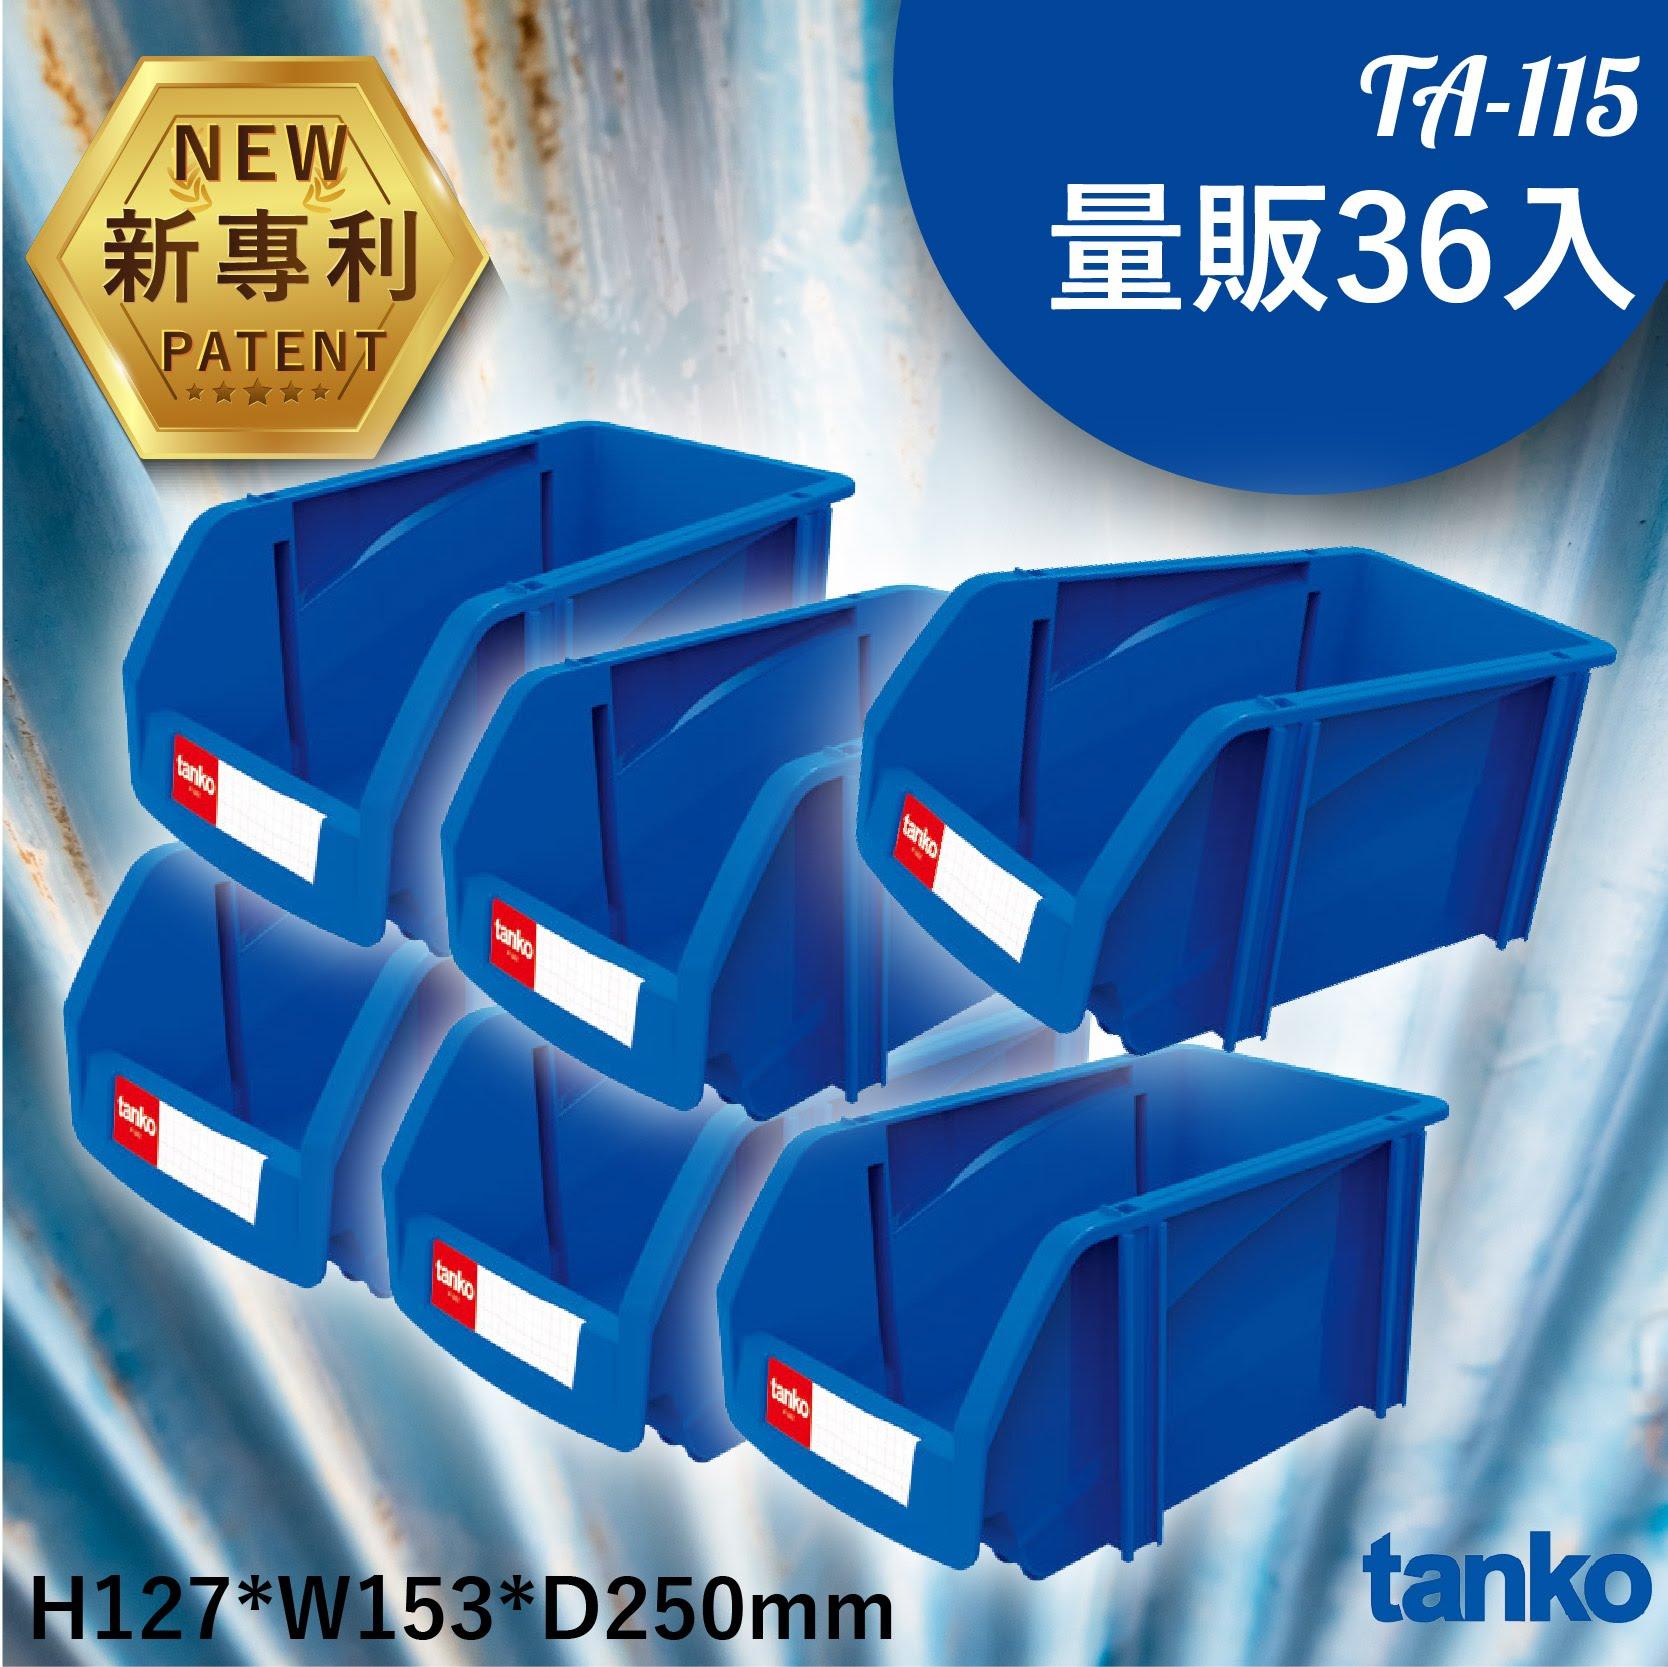 輕鬆收納【量販36入】天鋼 TA-115 組立零件盒 耐衝擊 整理盒 零件盒 分類盒 收納盒 五金 零件 工廠 車廠